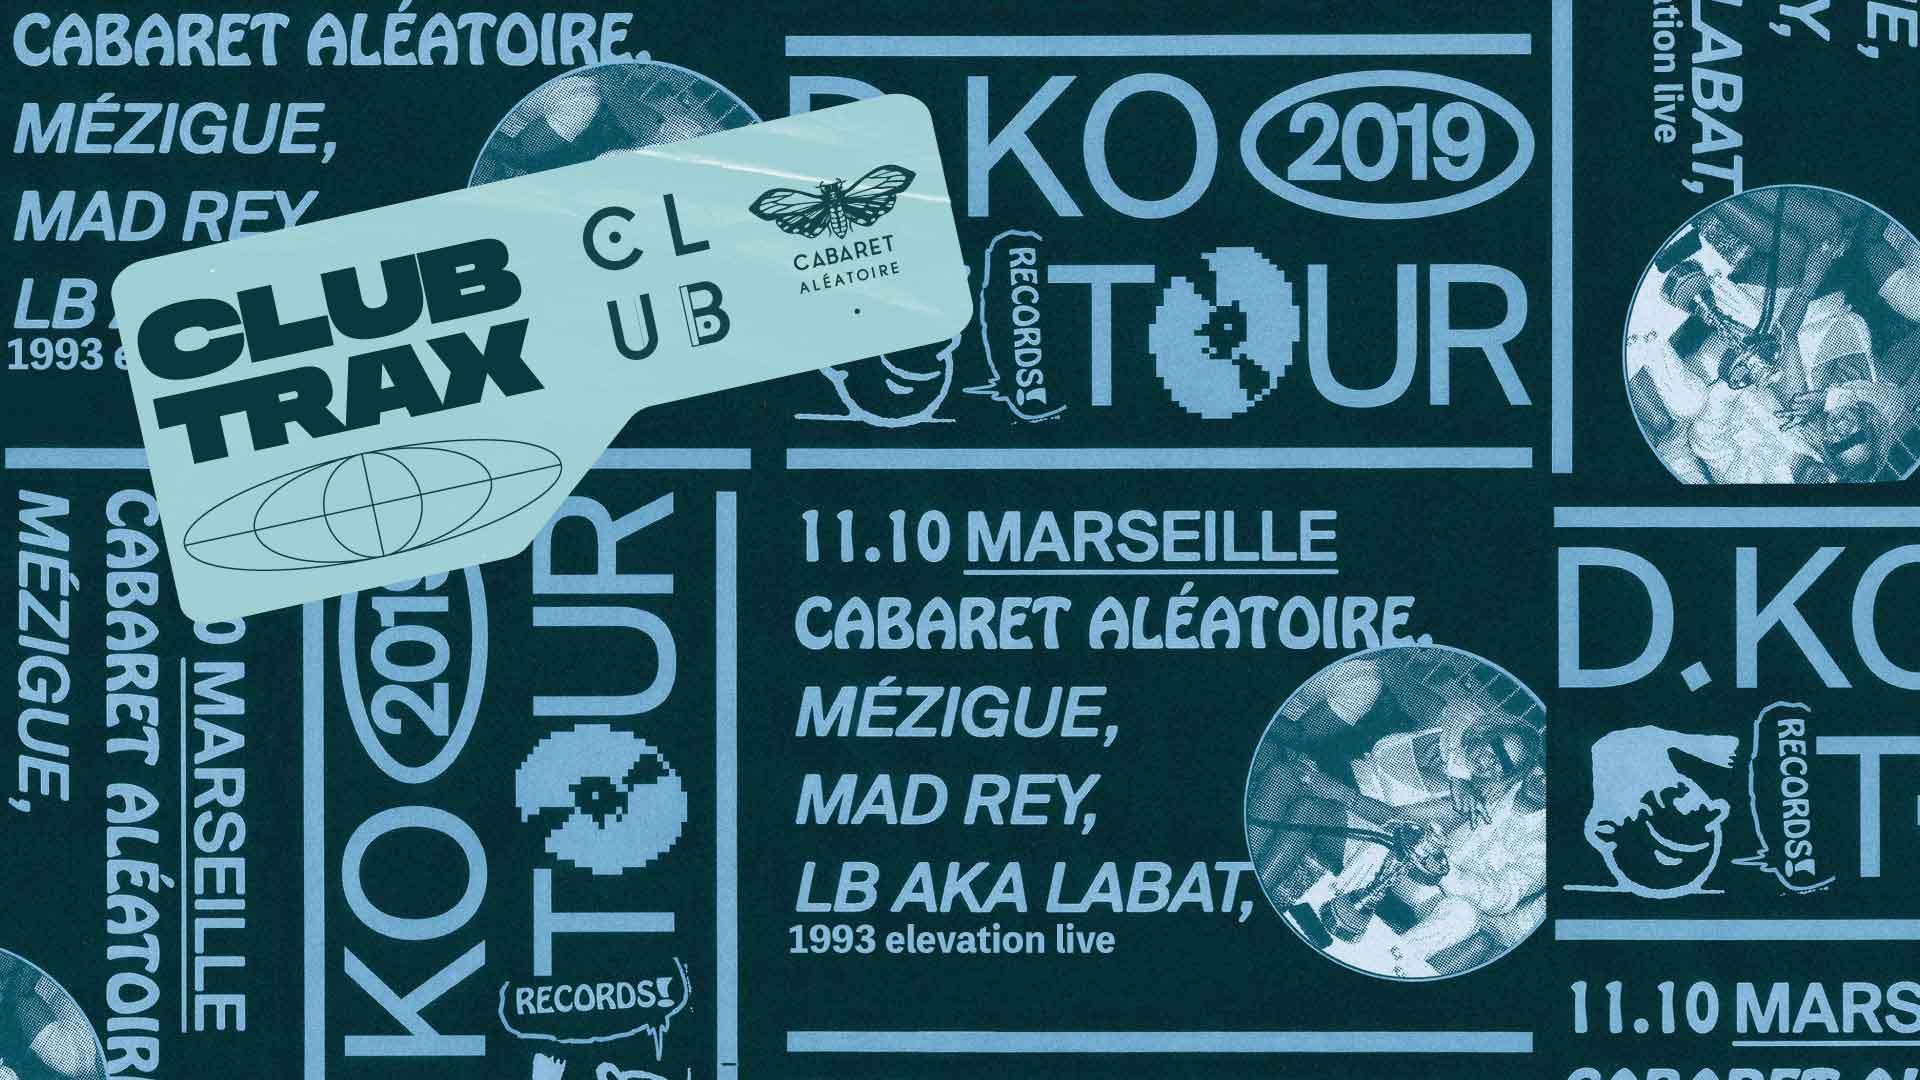 Club Cabaret x Trax :  Mad Rey + Mézigue + LB aka LABAT